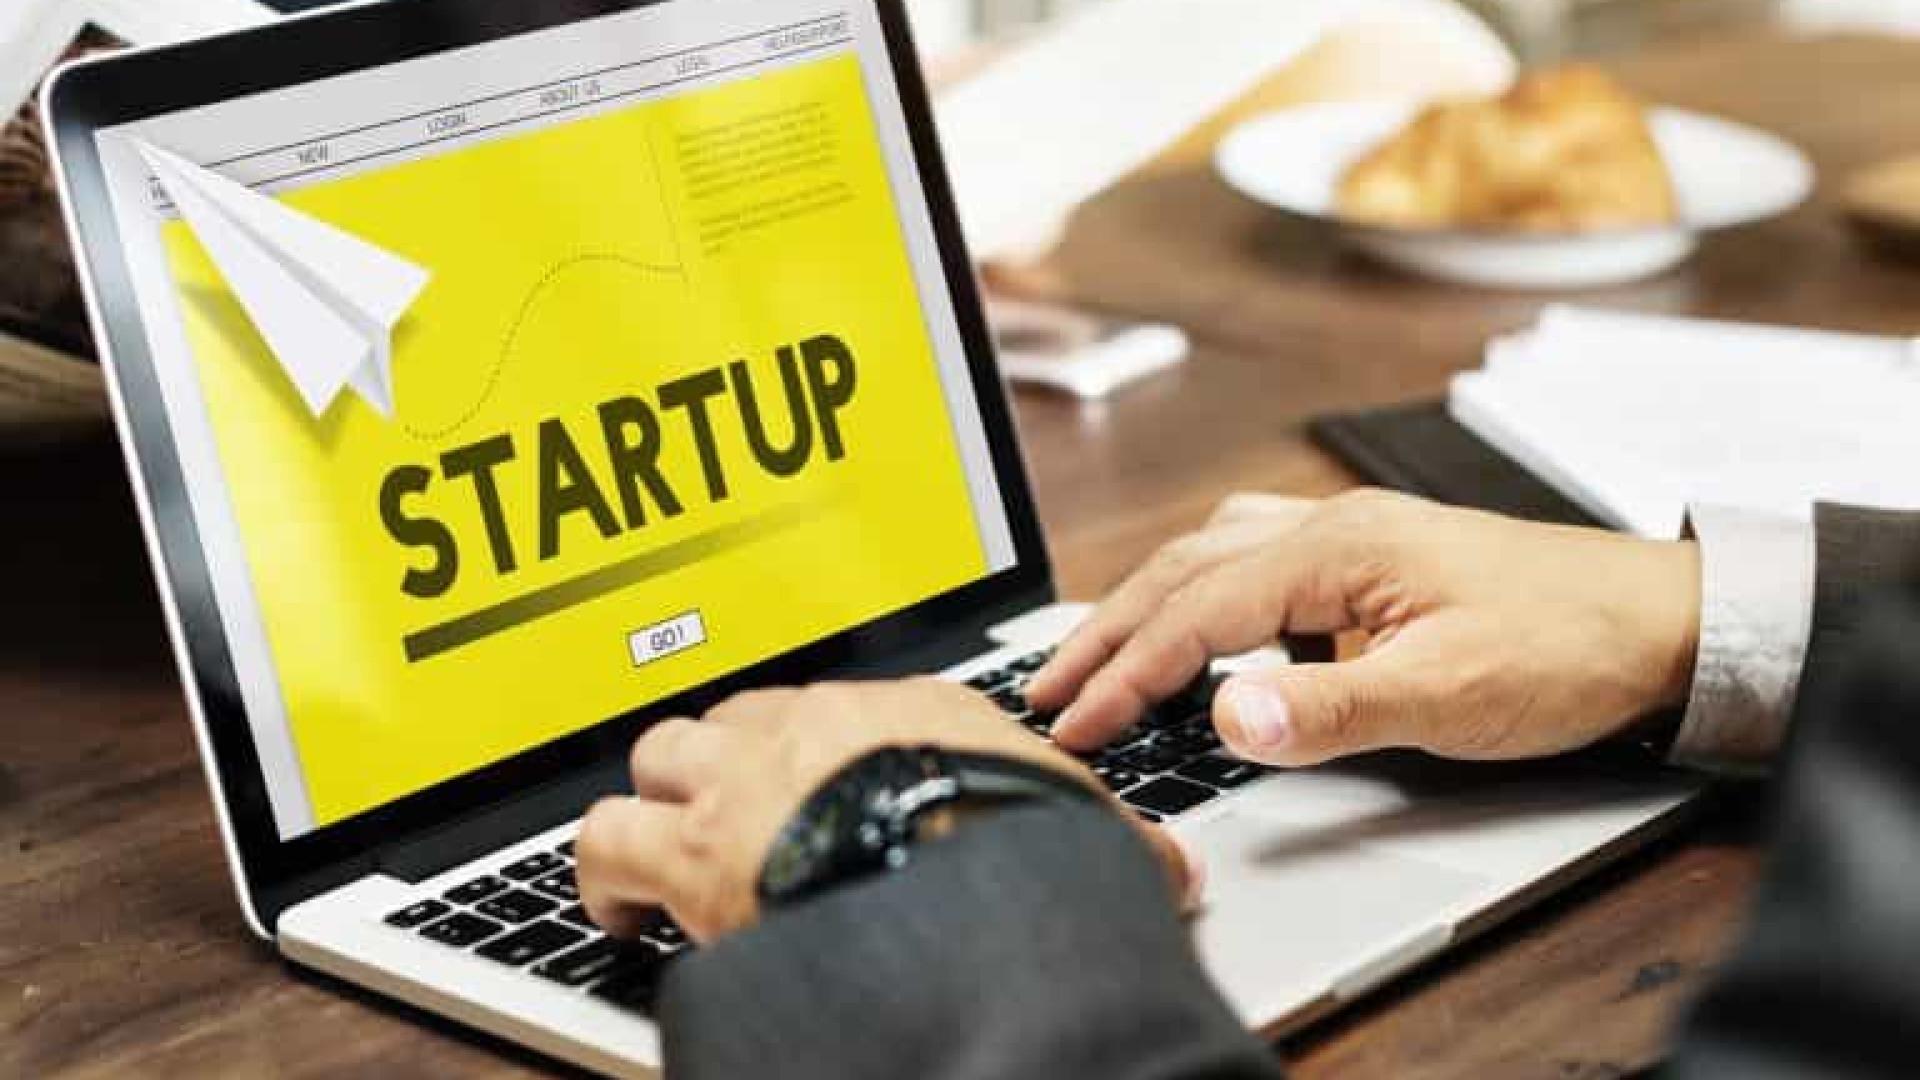 Startup Desaer busca investimento para viabilizar novo avião nacional em 2025